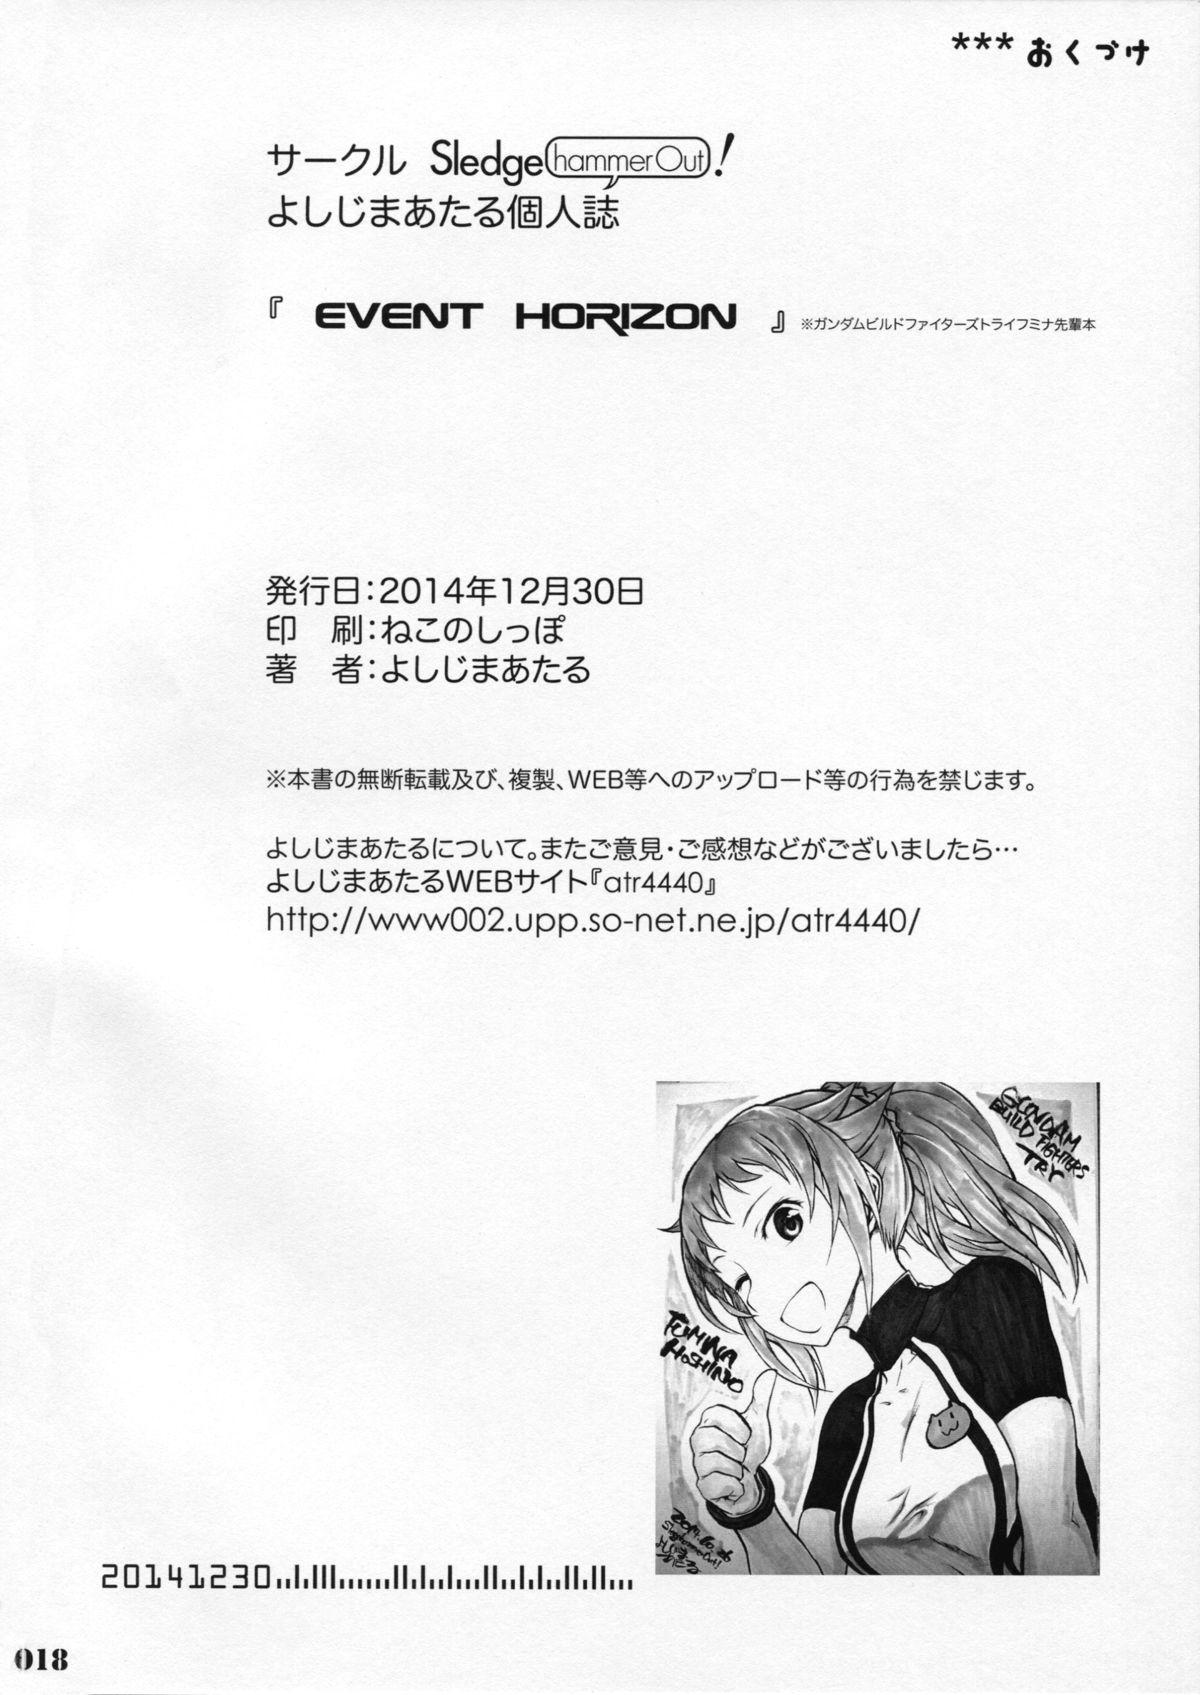 EVENT HORIZON 16